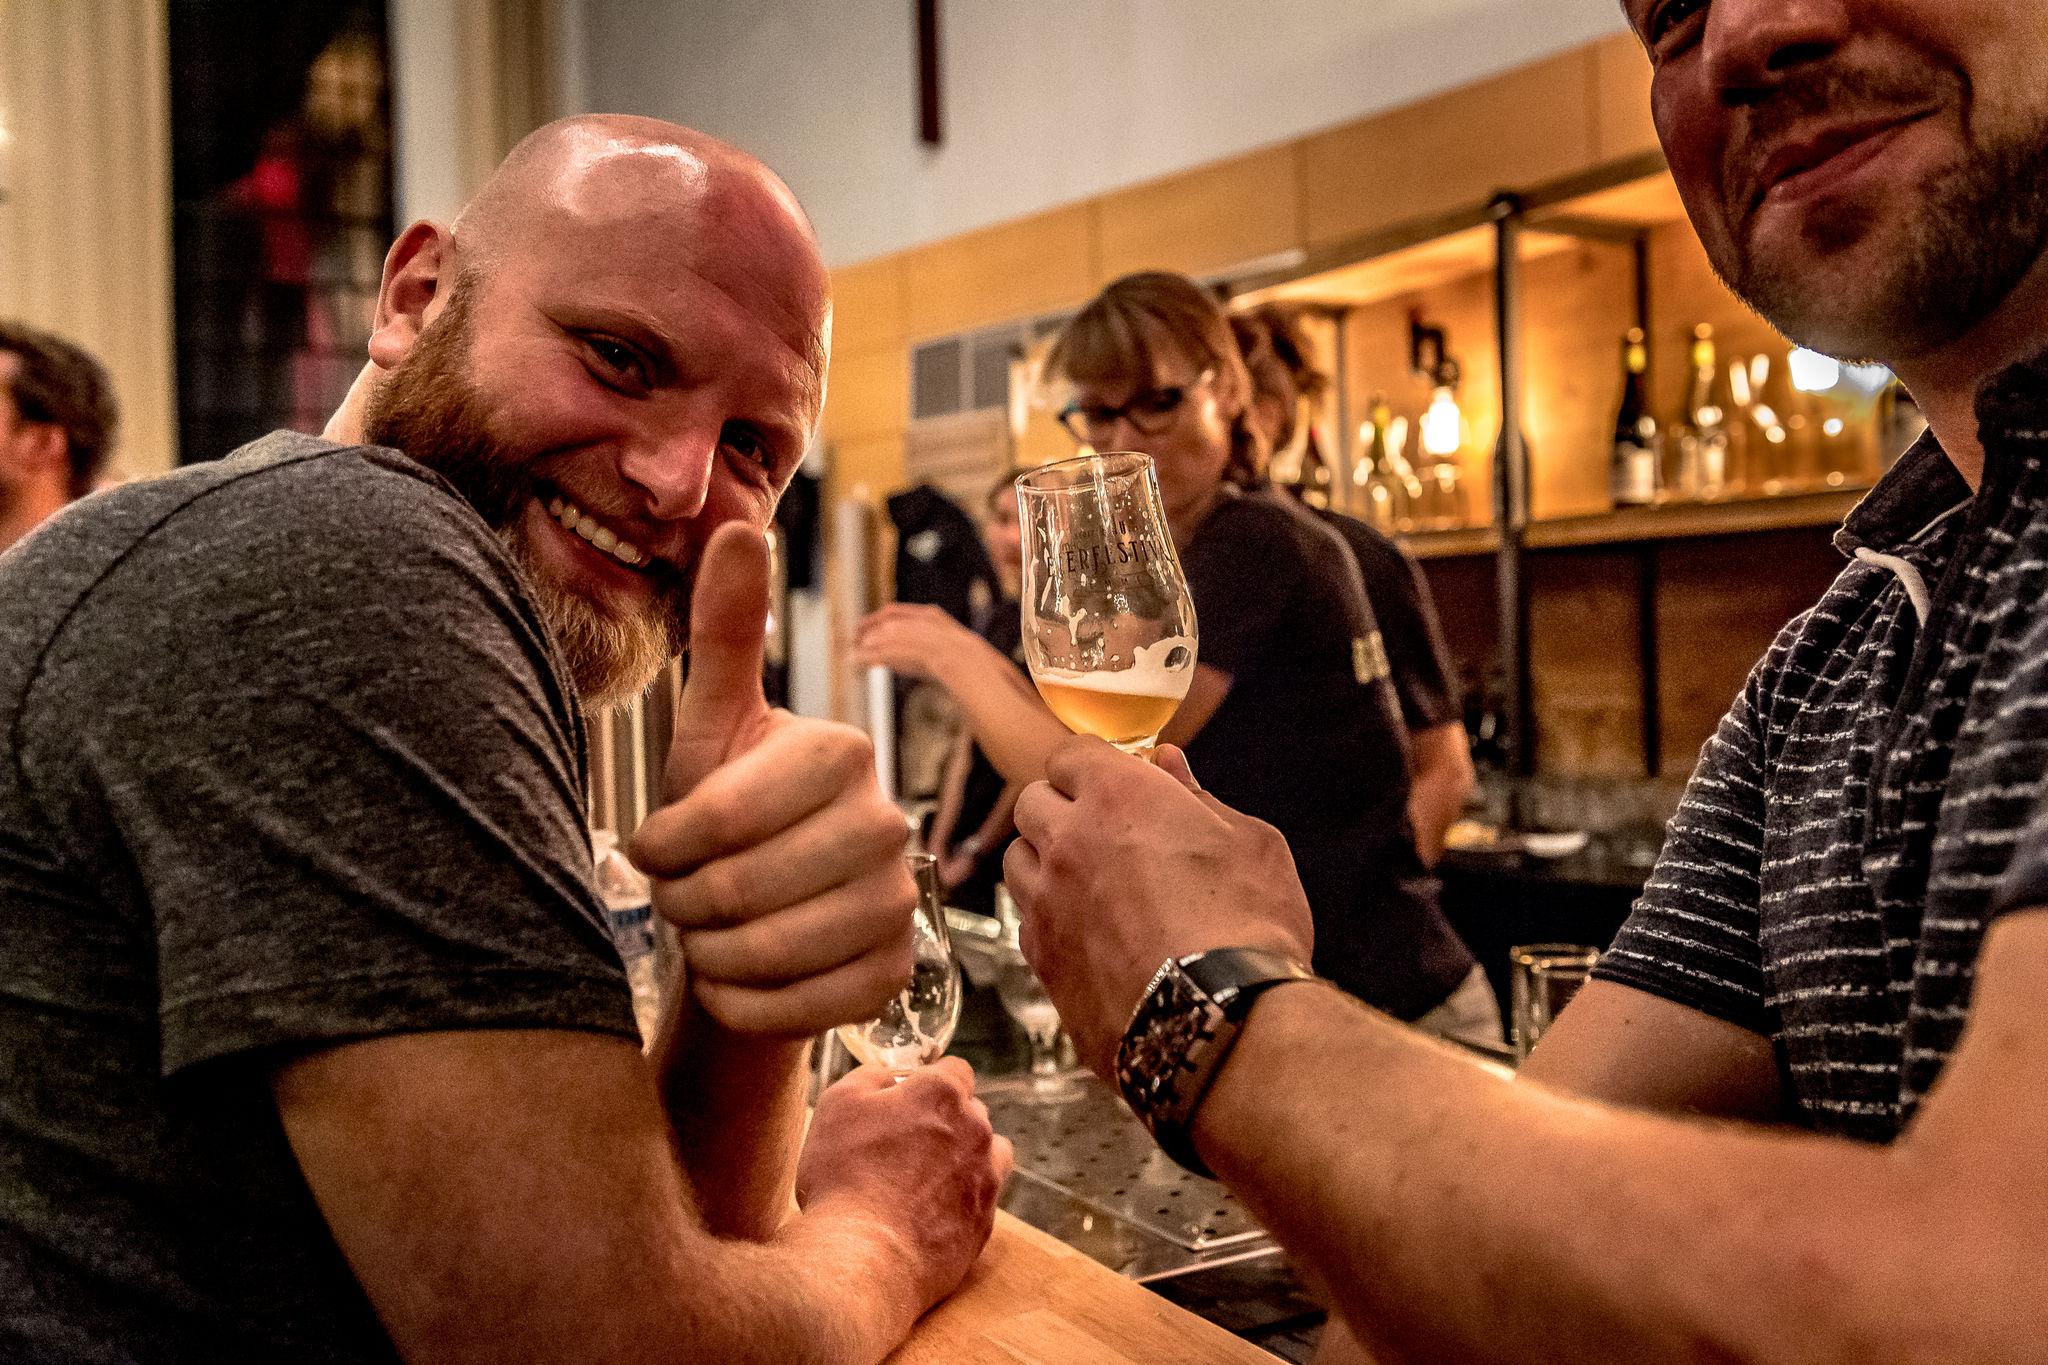 https://www.bierfestivalemmen.nl/wp-content/uploads/2019/02/bier_4017.jpg